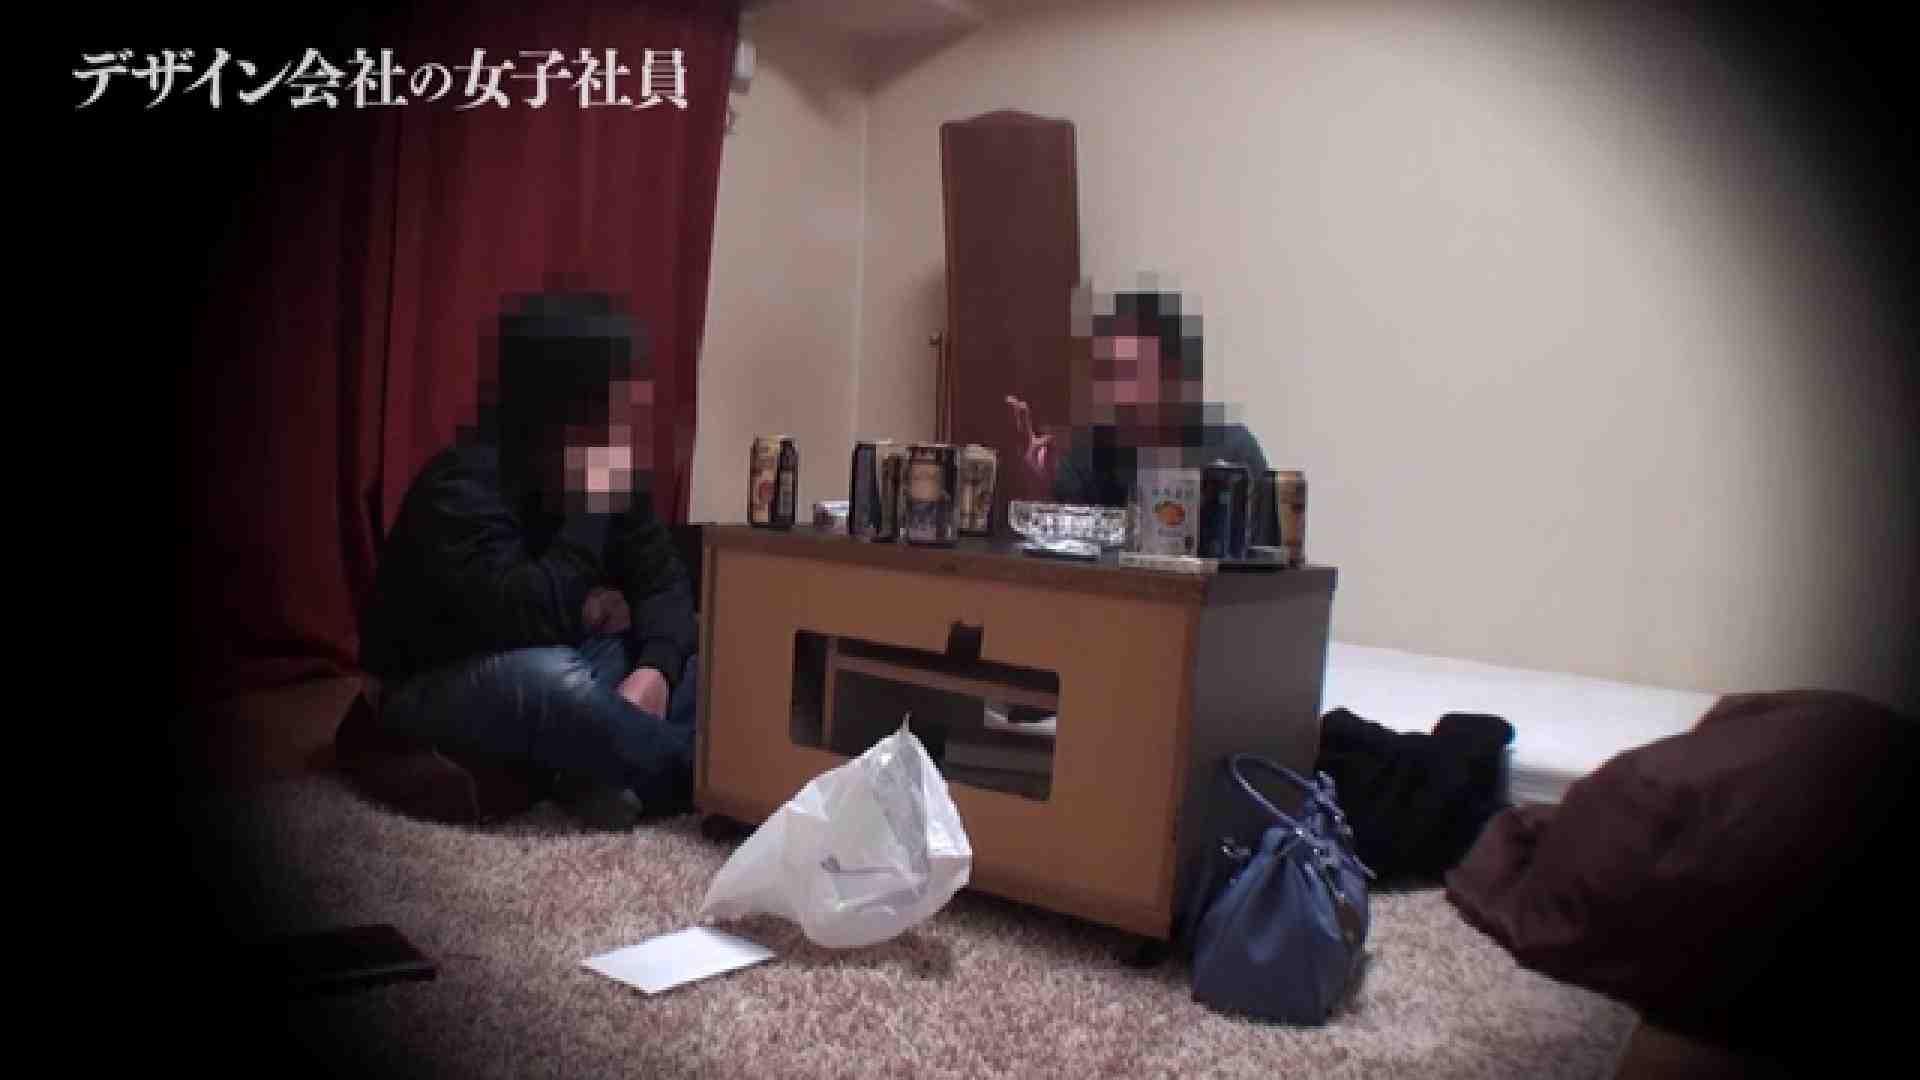 デザイン会社の女子社員 エッチな盗撮 エロ画像 95pic 50